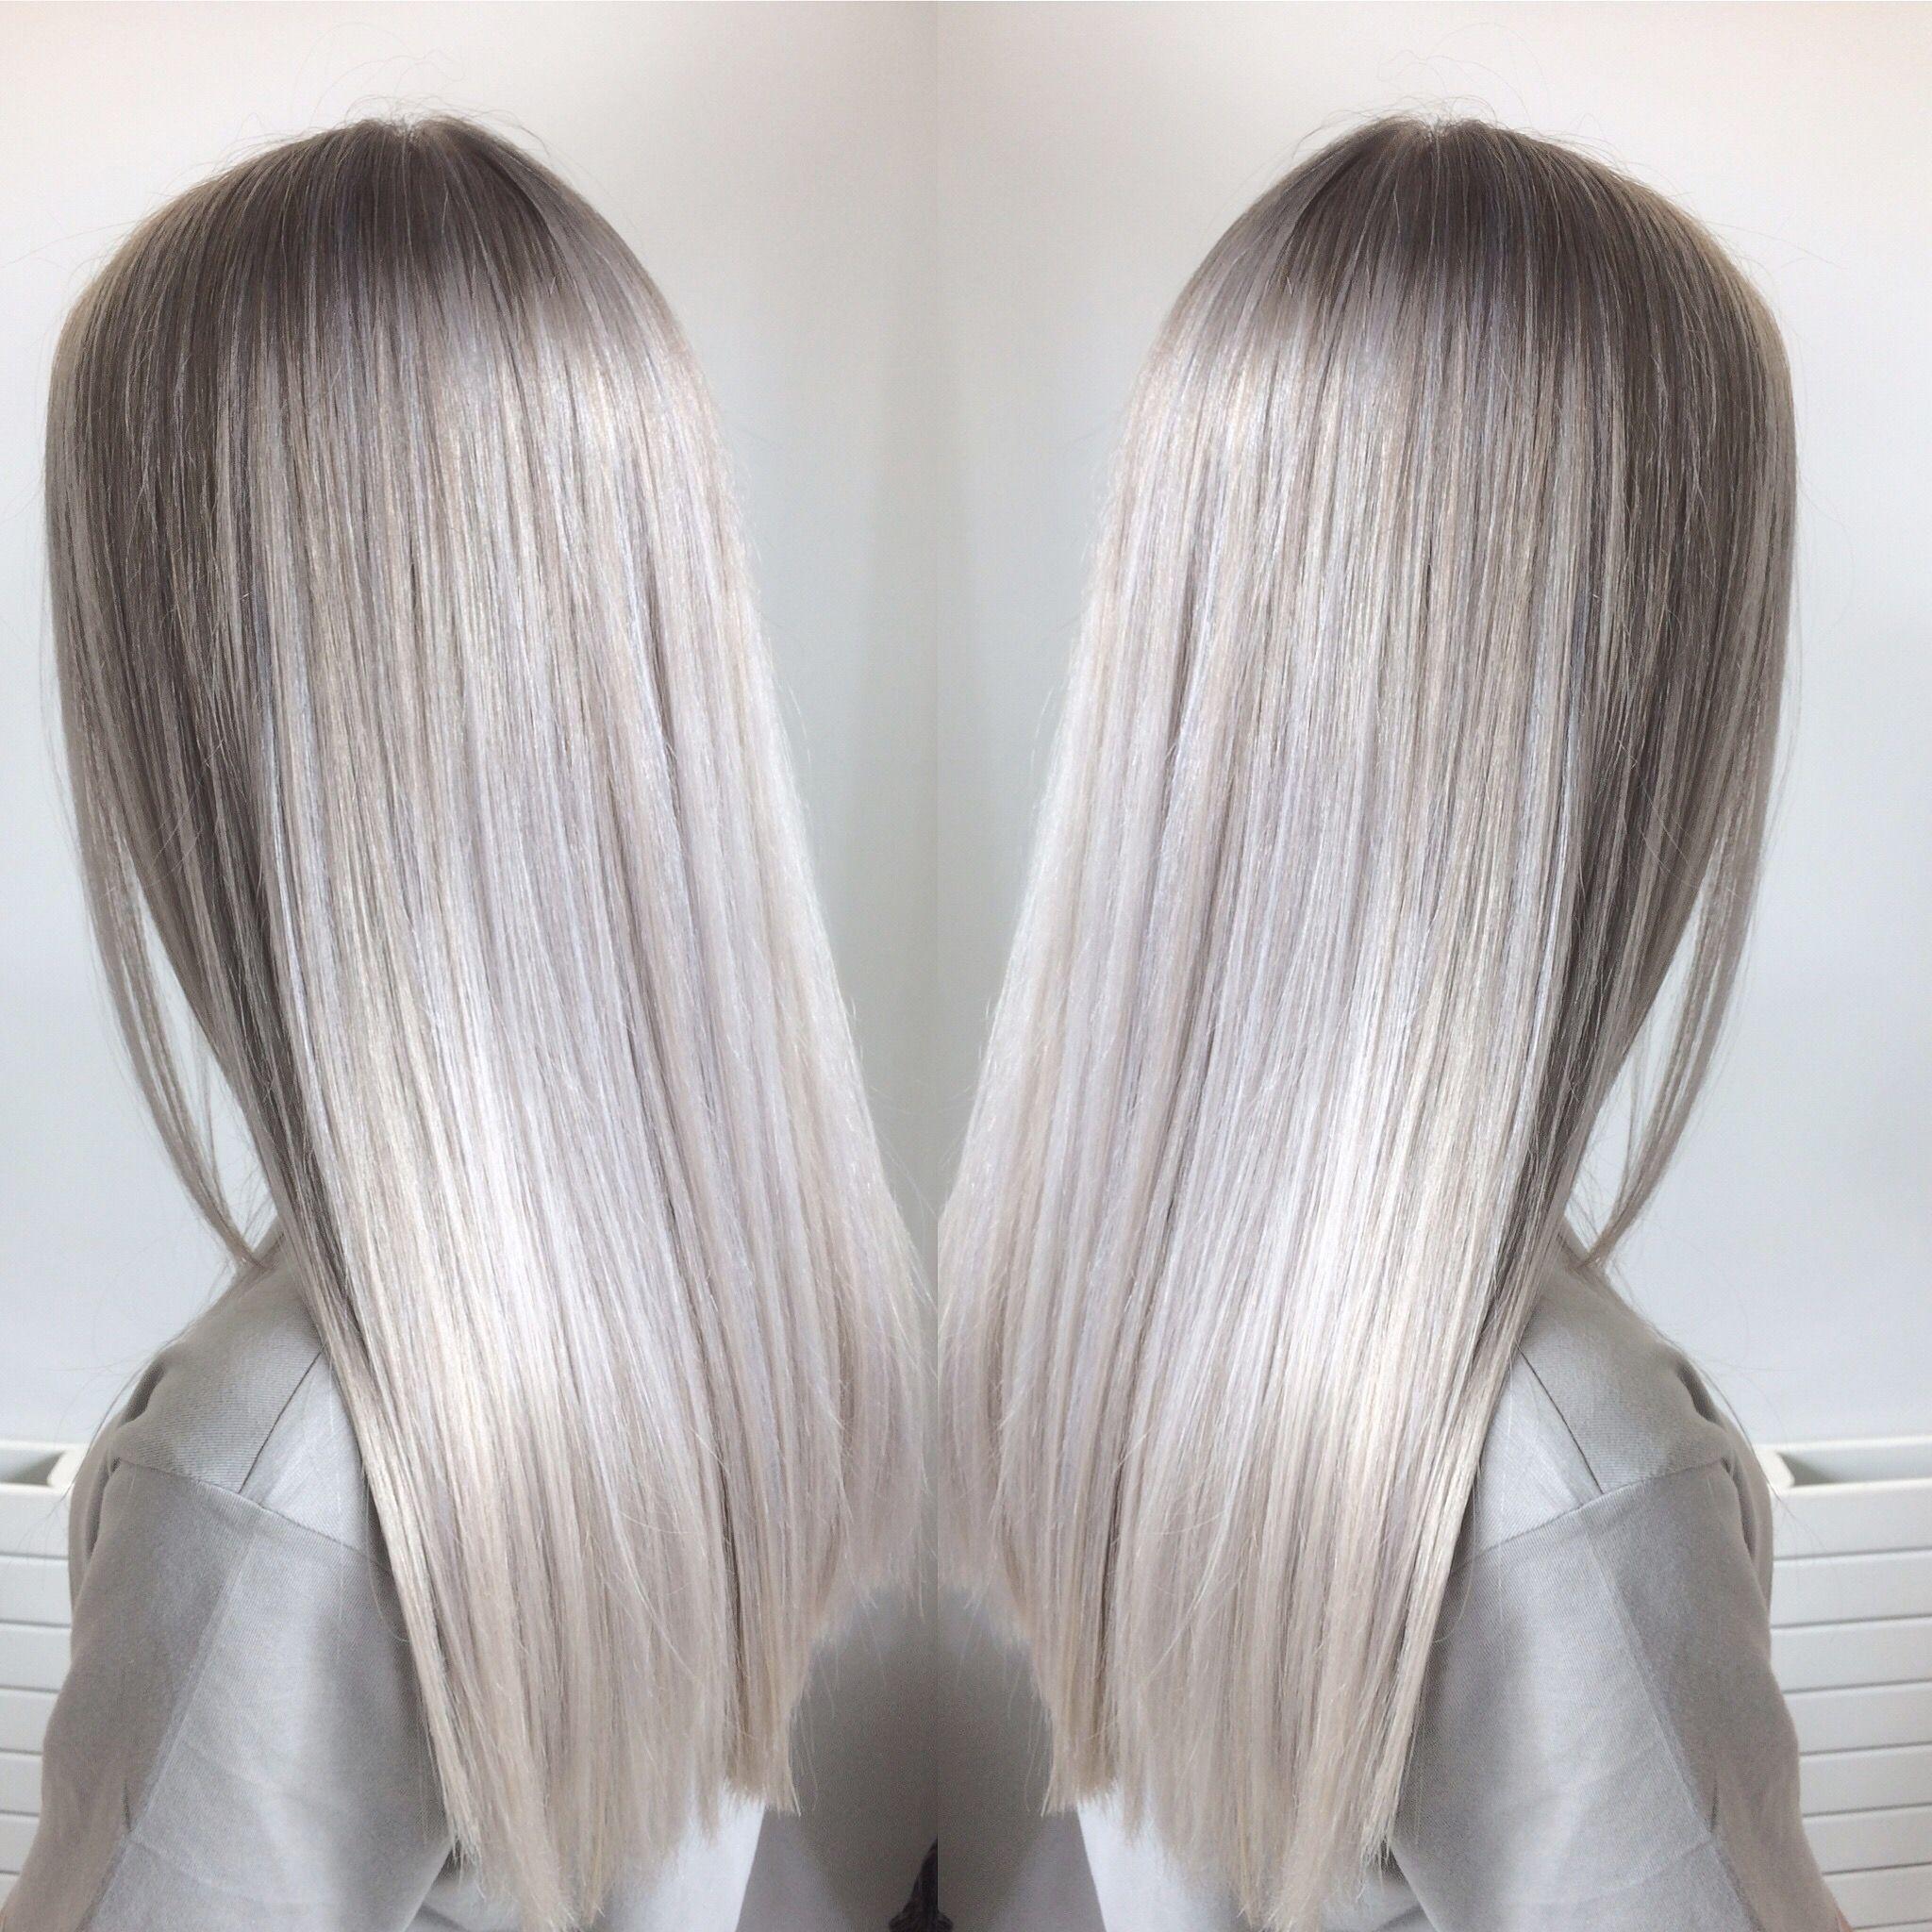 silver hair blonde hair highlights hair pinterest blonde hair highlights silver hair. Black Bedroom Furniture Sets. Home Design Ideas